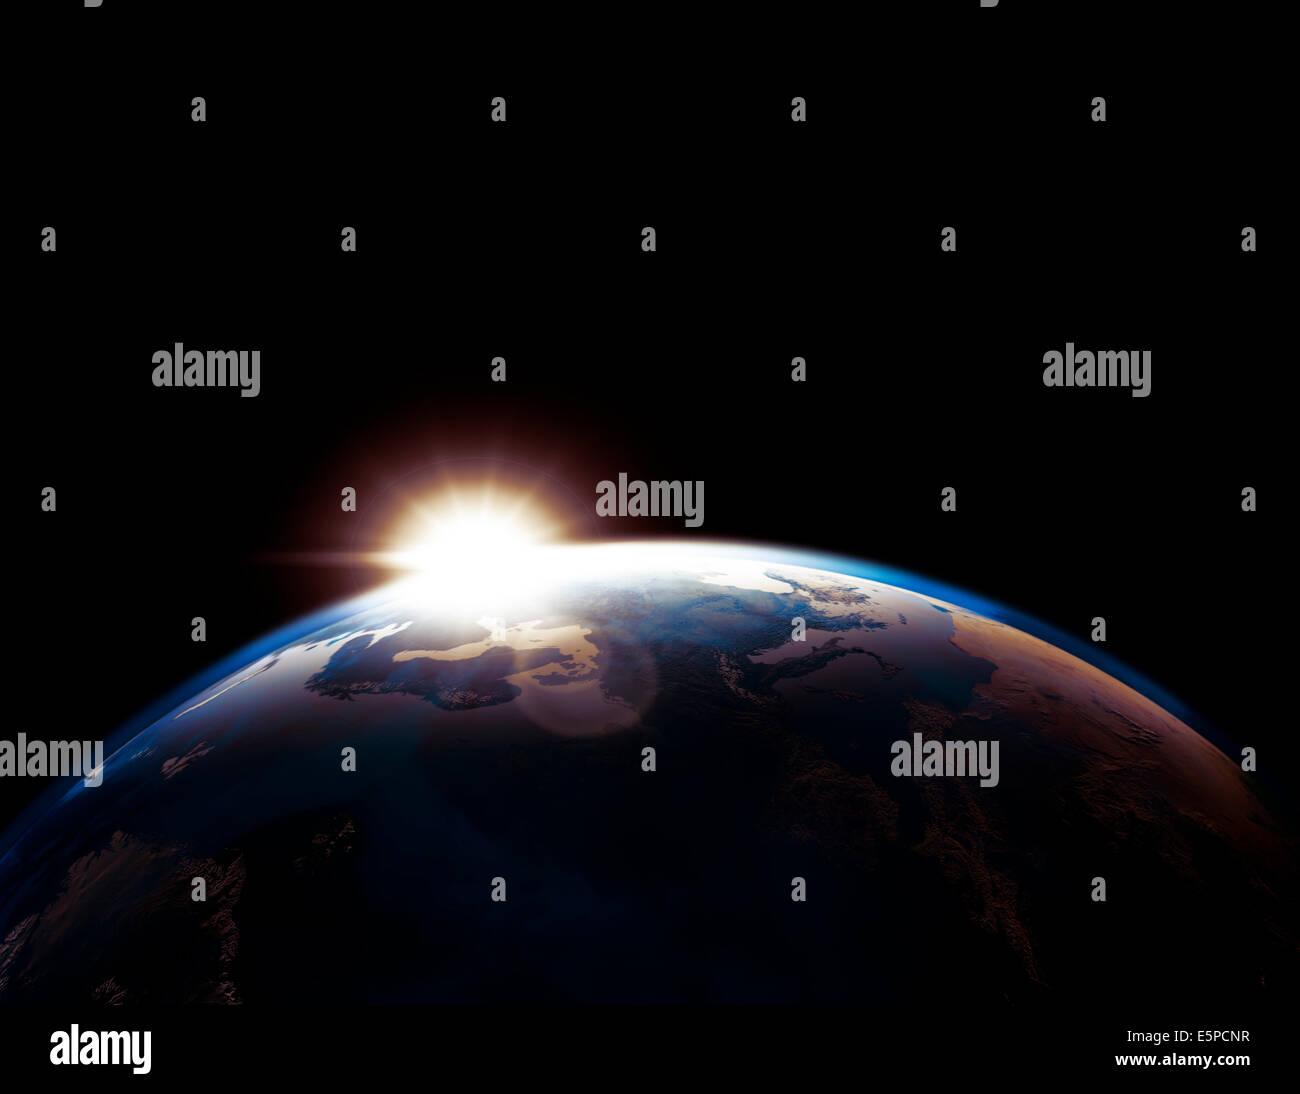 Globo terrestre contorno illuminato dal sole che sorge isolato su sfondo nero Immagini Stock